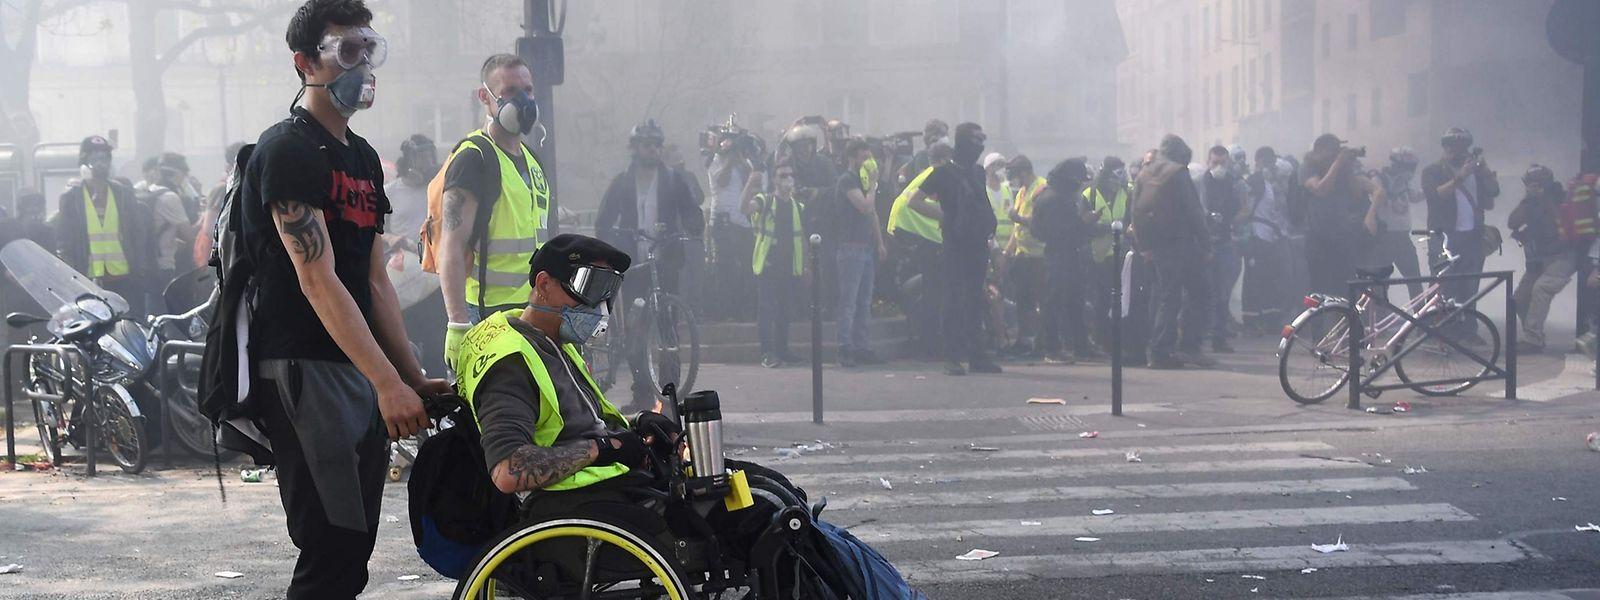 Mehr als 6.700 Demonstranten waren alleine am Samstagmittag wieder in Paris unterwegs.